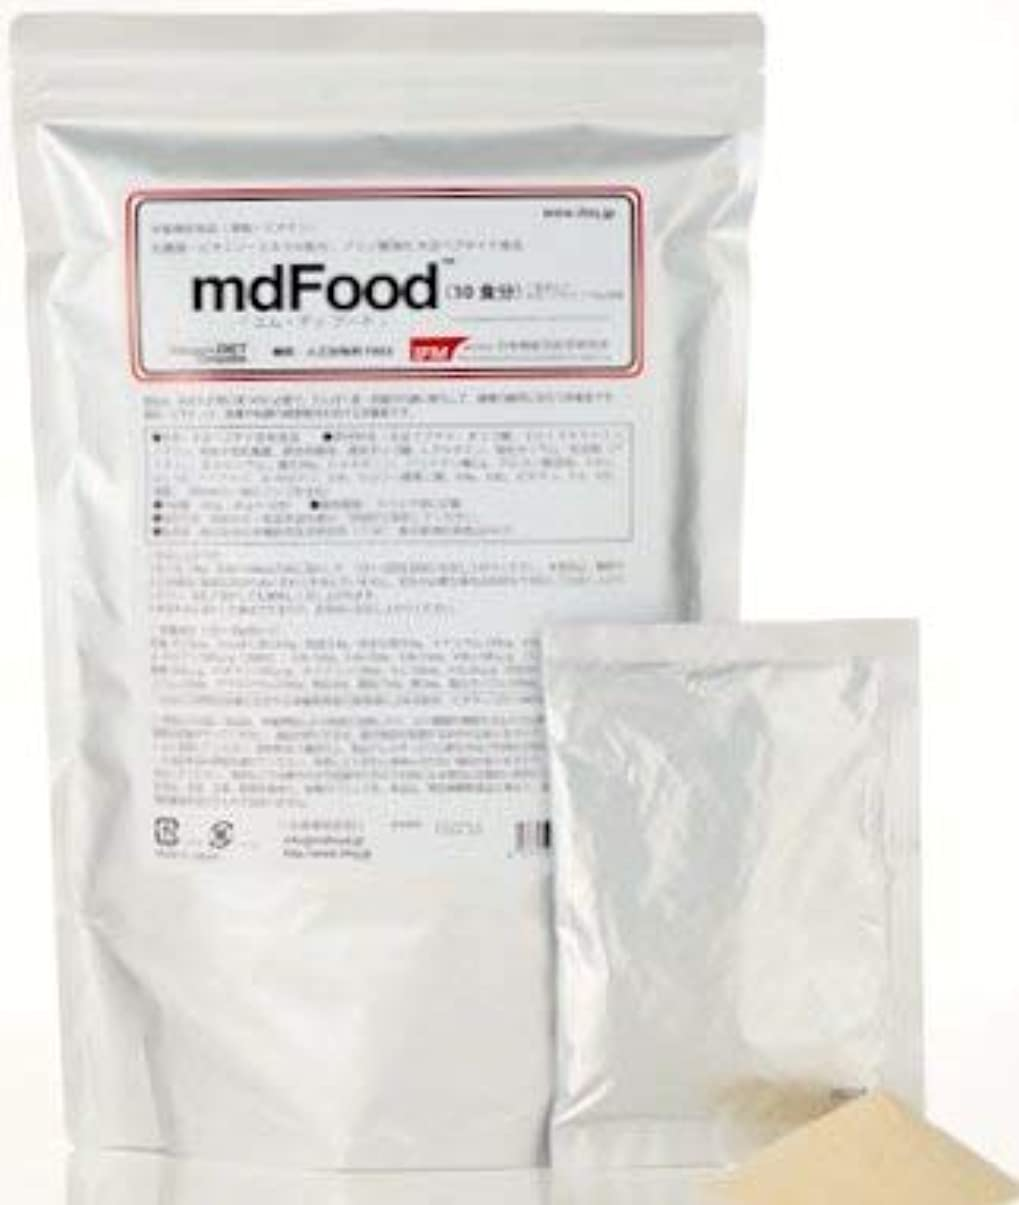 自動車バレエ私たちのもの日本機能性医学研究所 mdFood 「エムディ?フード」10食分